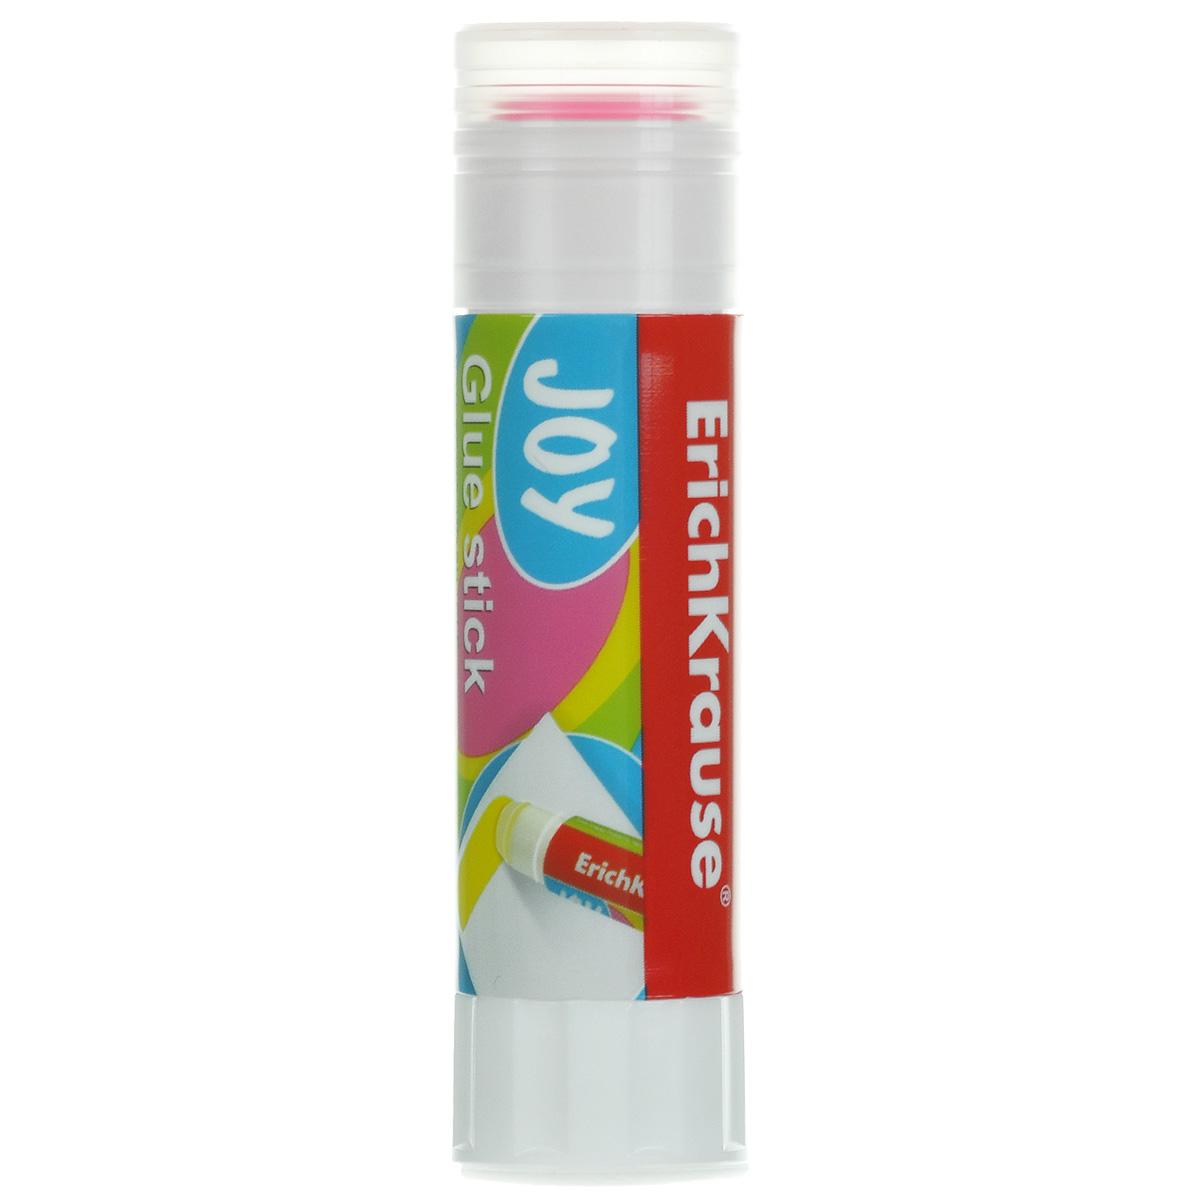 Клей-карандаш Erich Krause Joy, цвет: розовый, 15 гFS-00103Цветной клей-карандаш Erich Krause Joy идеально подходит для склеивания бумаги, картона и фотографий. Выкручивающийся механизм обеспечивает постепенное выдвижение клеевого стержня из пластикового корпуса. При нанесении оставляет цветной след, обеспечивающий более аккуратное наклеивание. Клей-карандаш не деформирует бумагу, быстро сохнет и не оставляет следов после высыхания. Не токсичен. Рекомендовано детям старше трех лет.